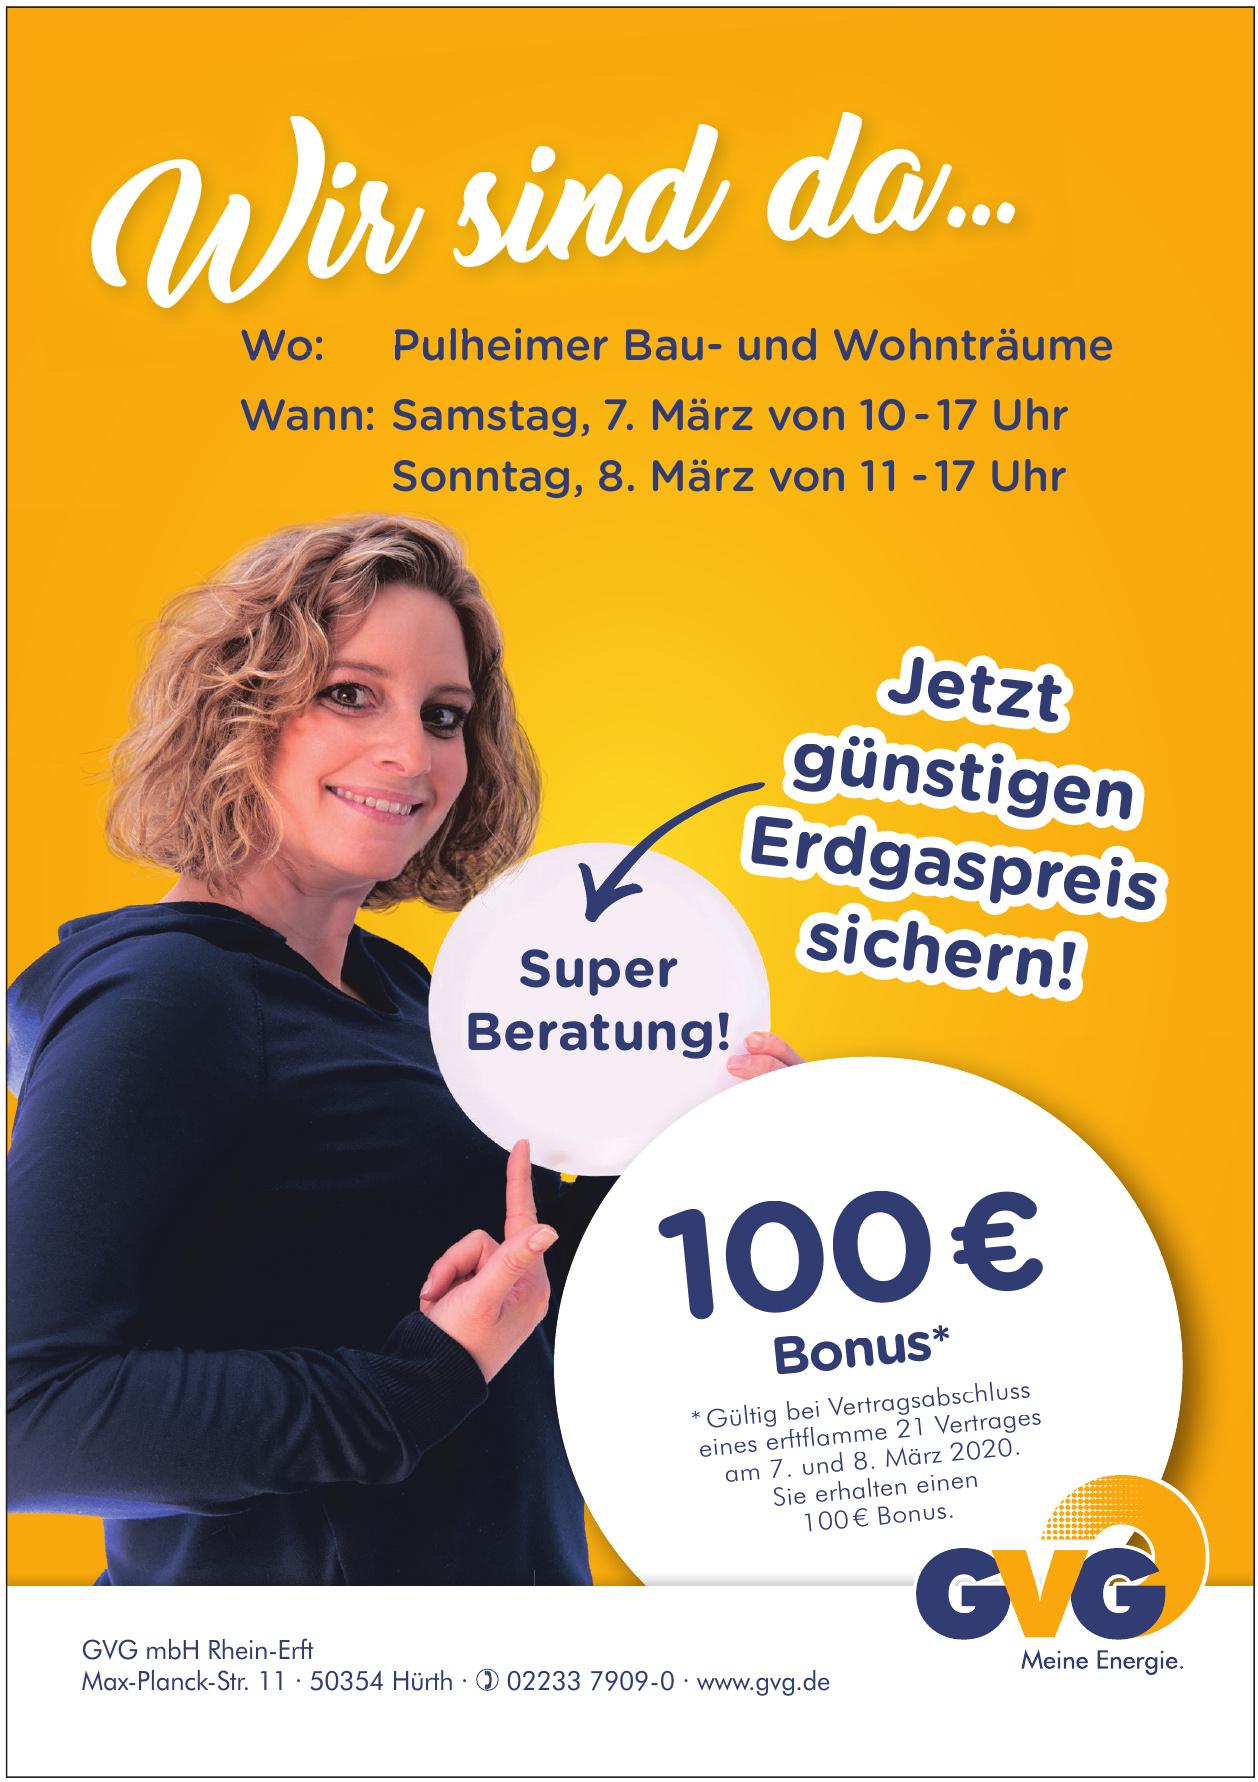 GVG mbH Rhein-Erft